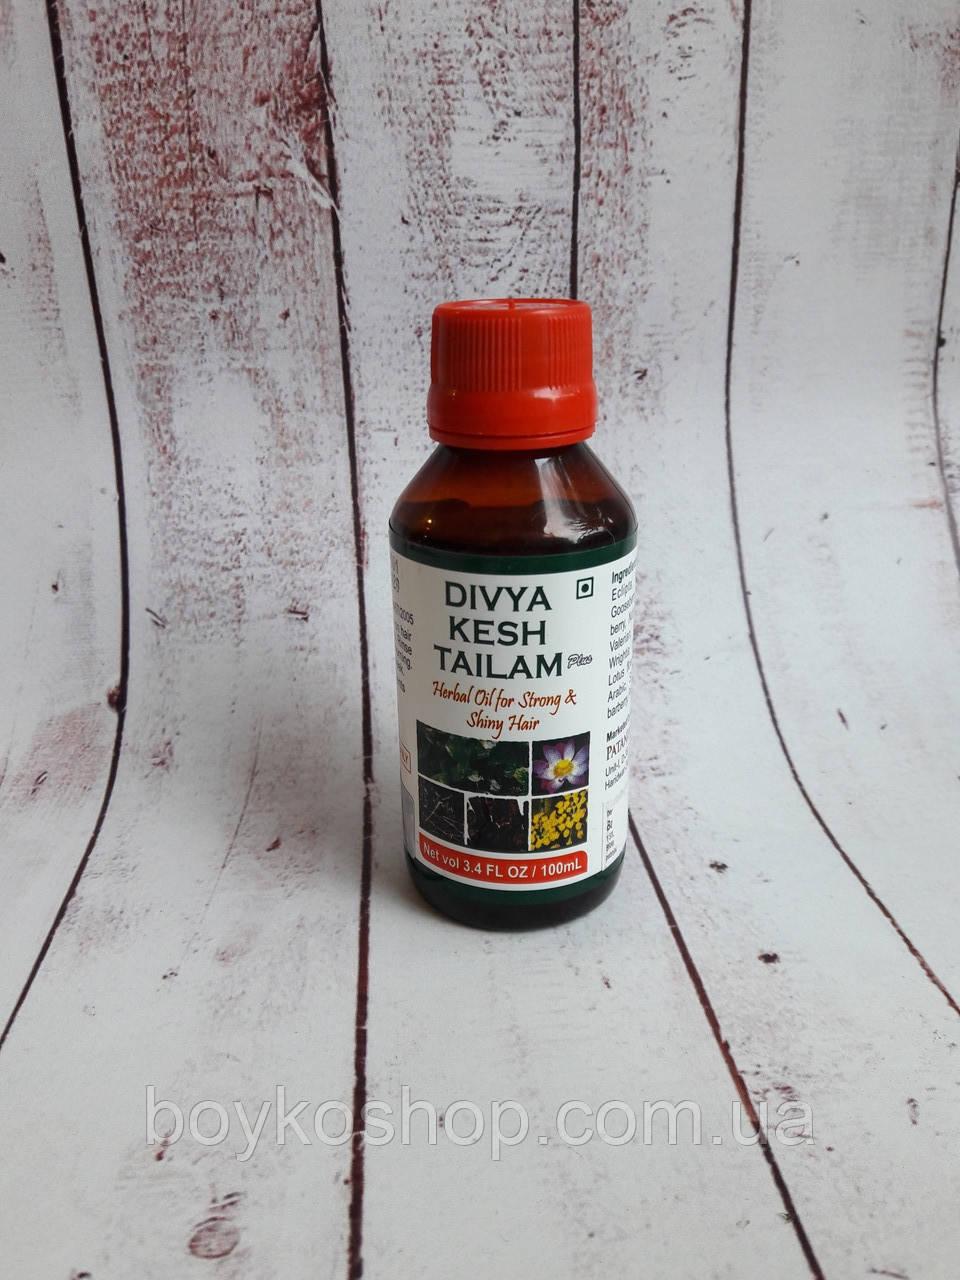 DIVYA Kesh Taila лечебное масло от выпадения волос. 100мл